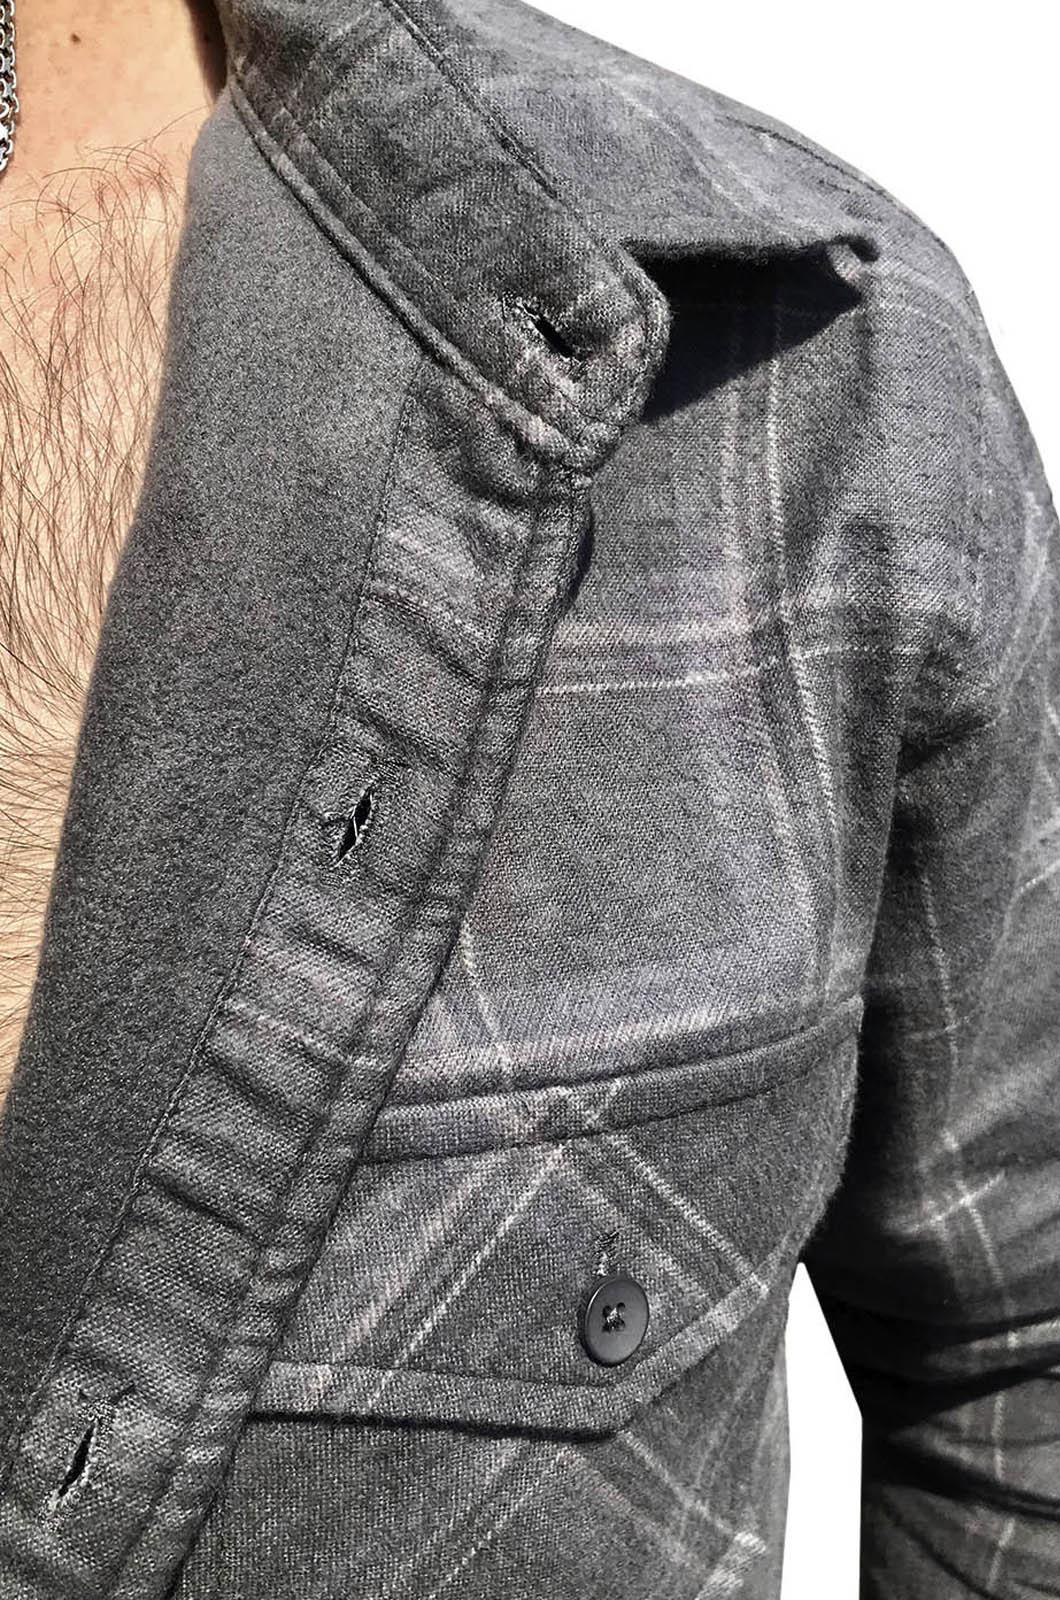 Рубашка серая с нашивкой 3-я ОБрСпН ГРУ купить выгодно